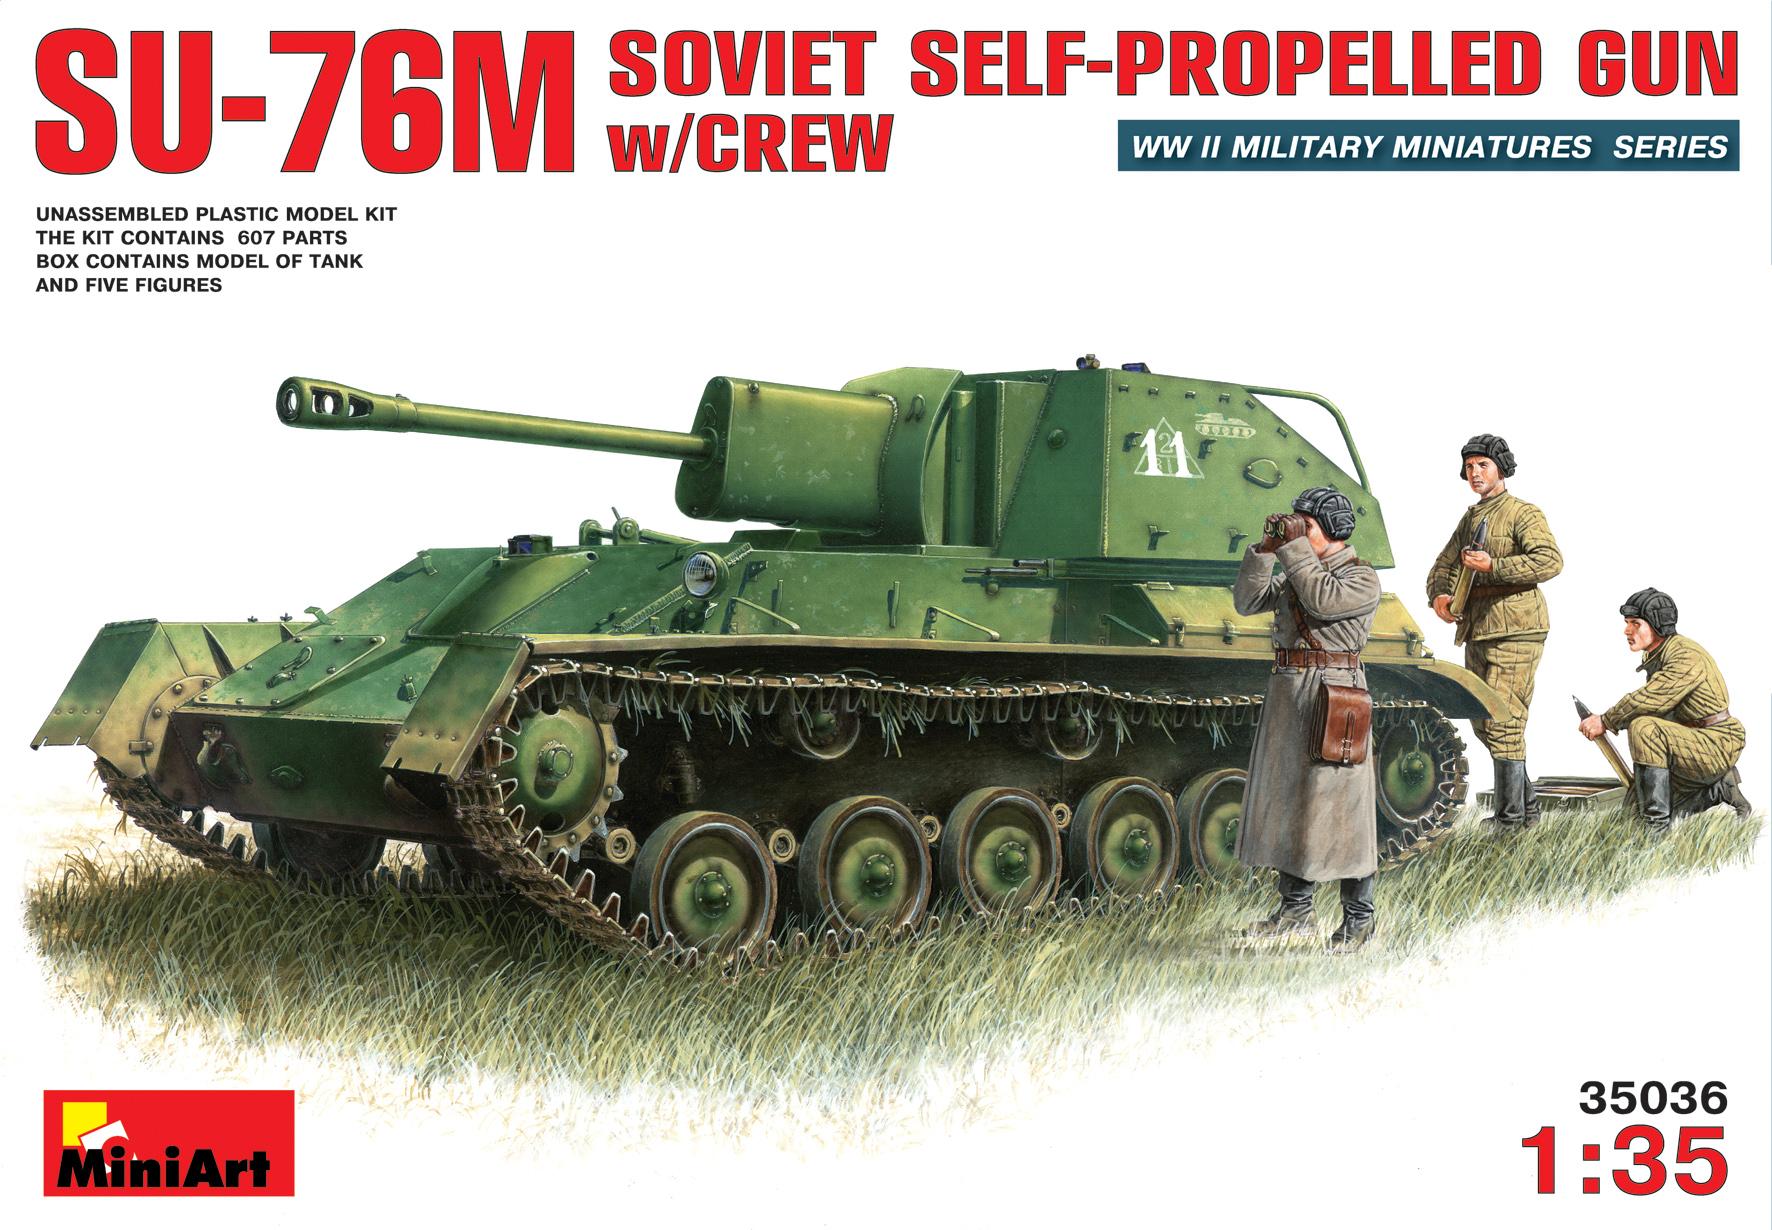 SU-76M SOVIET SELF-PROPELLED GUN w/CREW